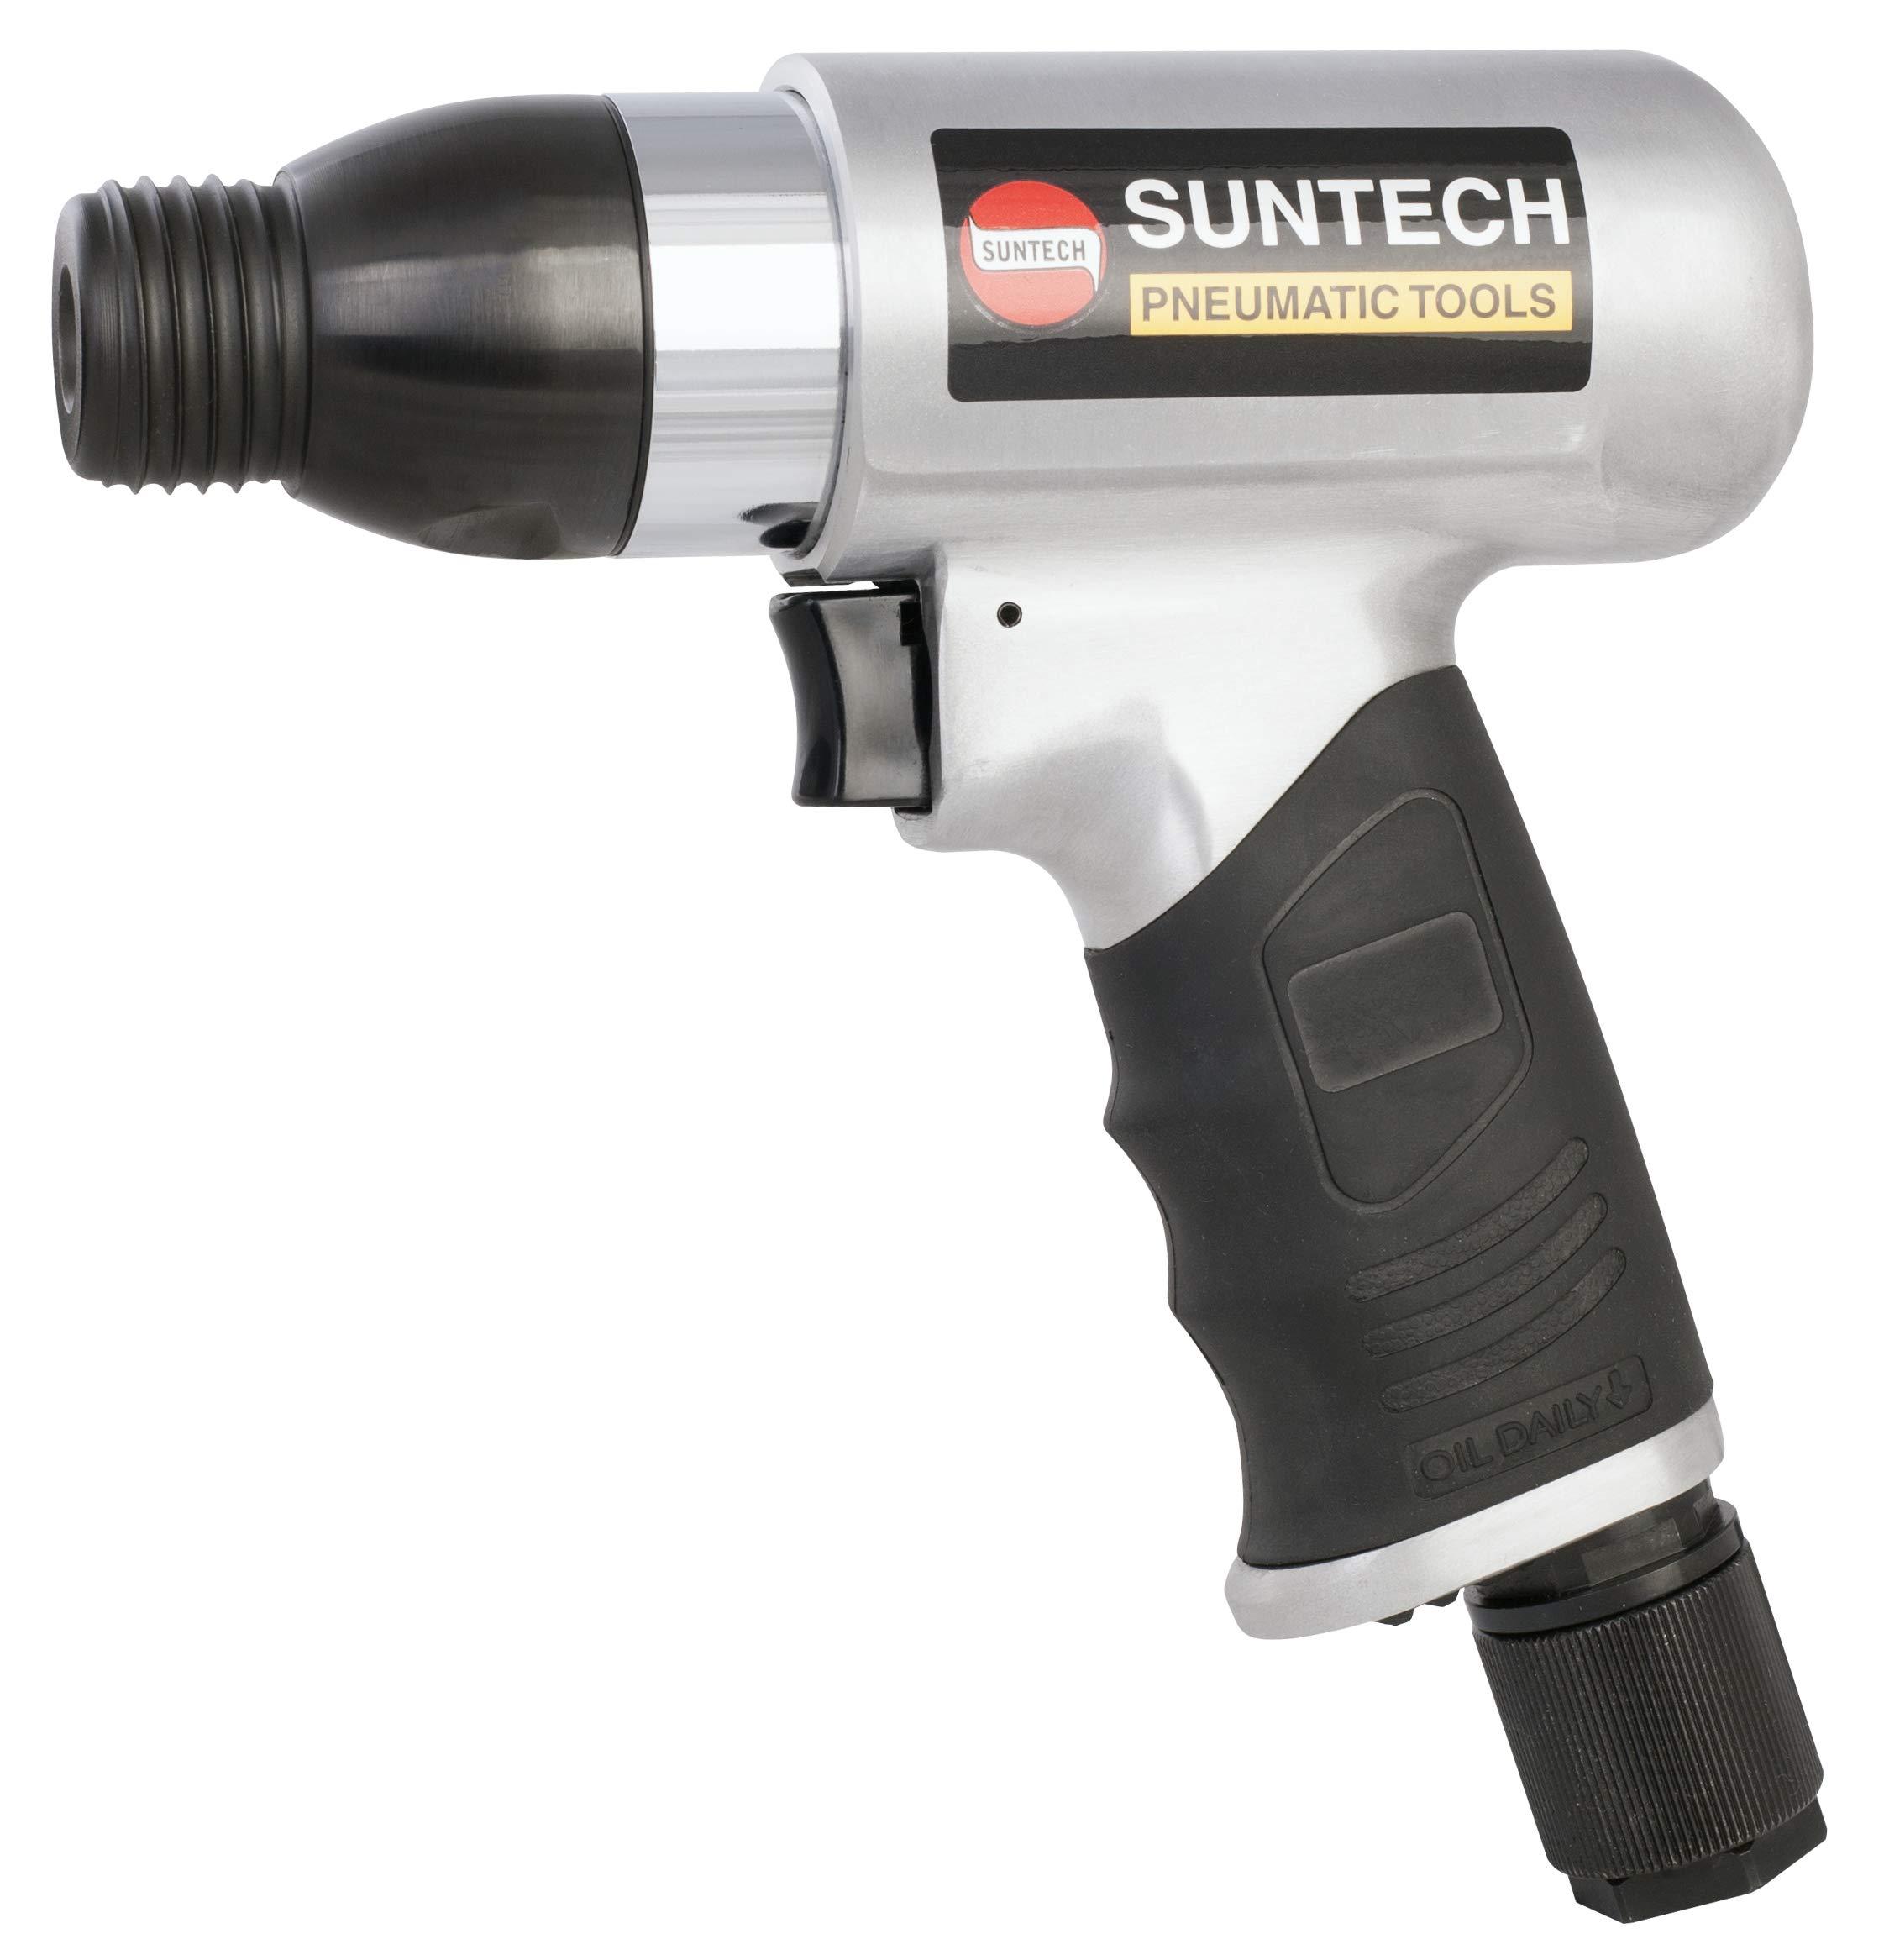 SUNTECH SM-103S Pneumatic Hammer